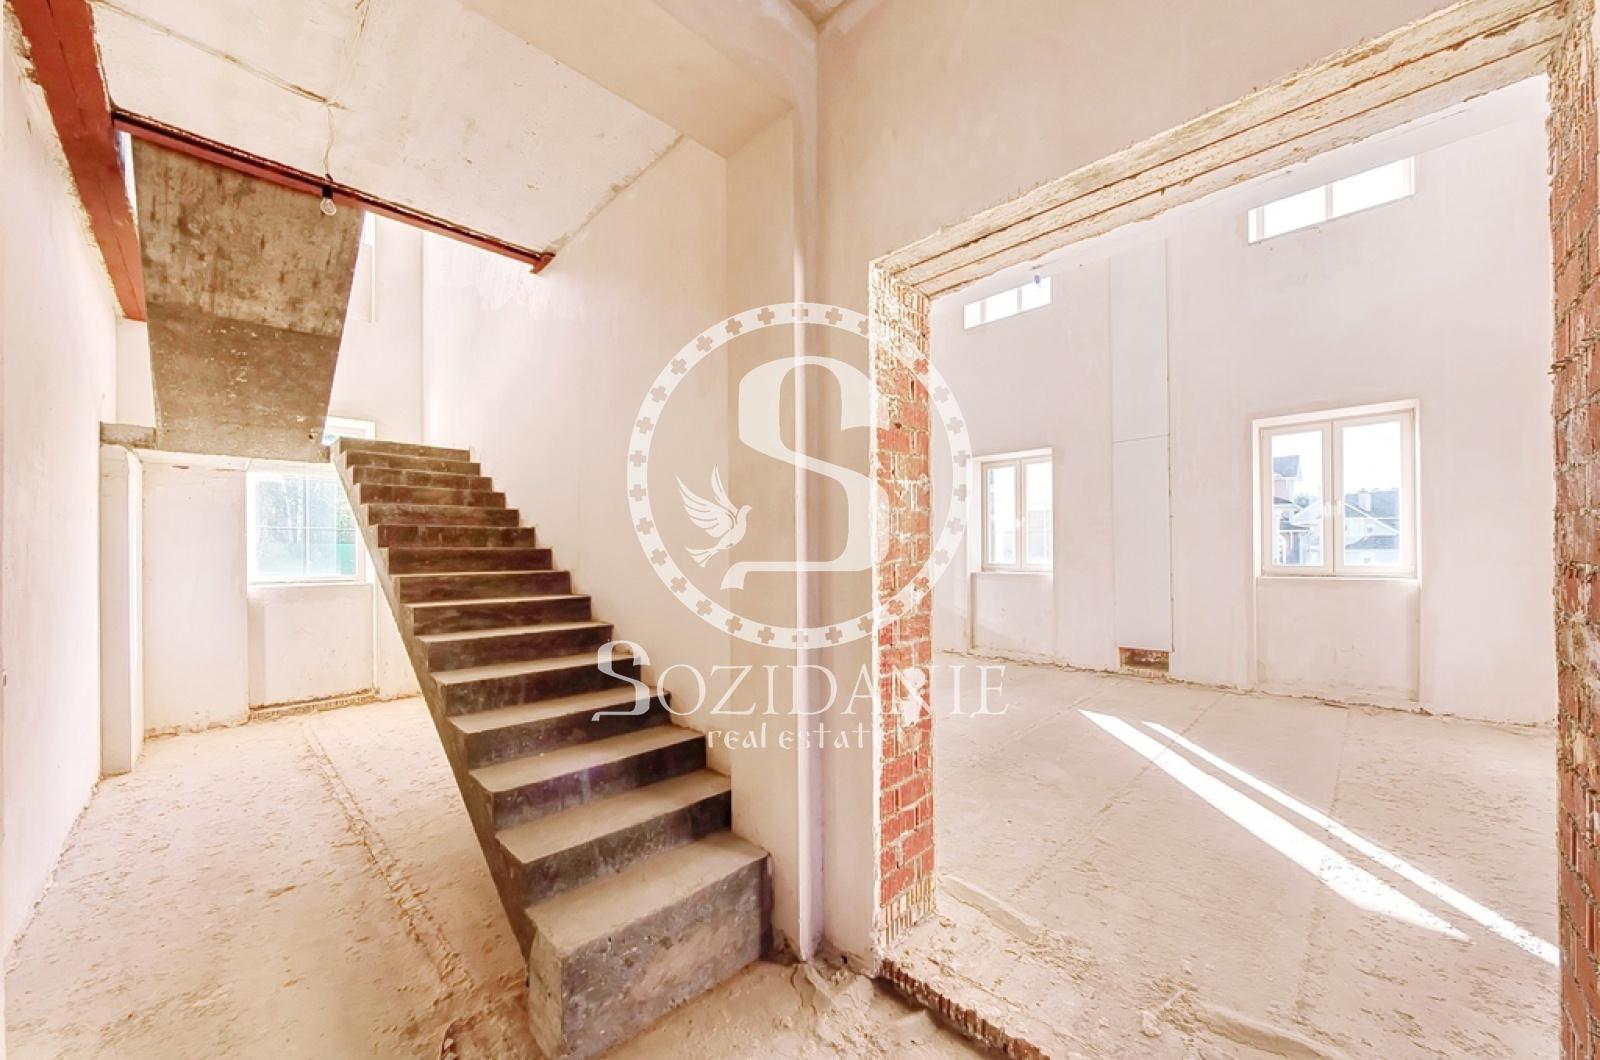 4 Bedrooms, Загородная, Продажа, Listing ID 1226, Московская область, Россия,